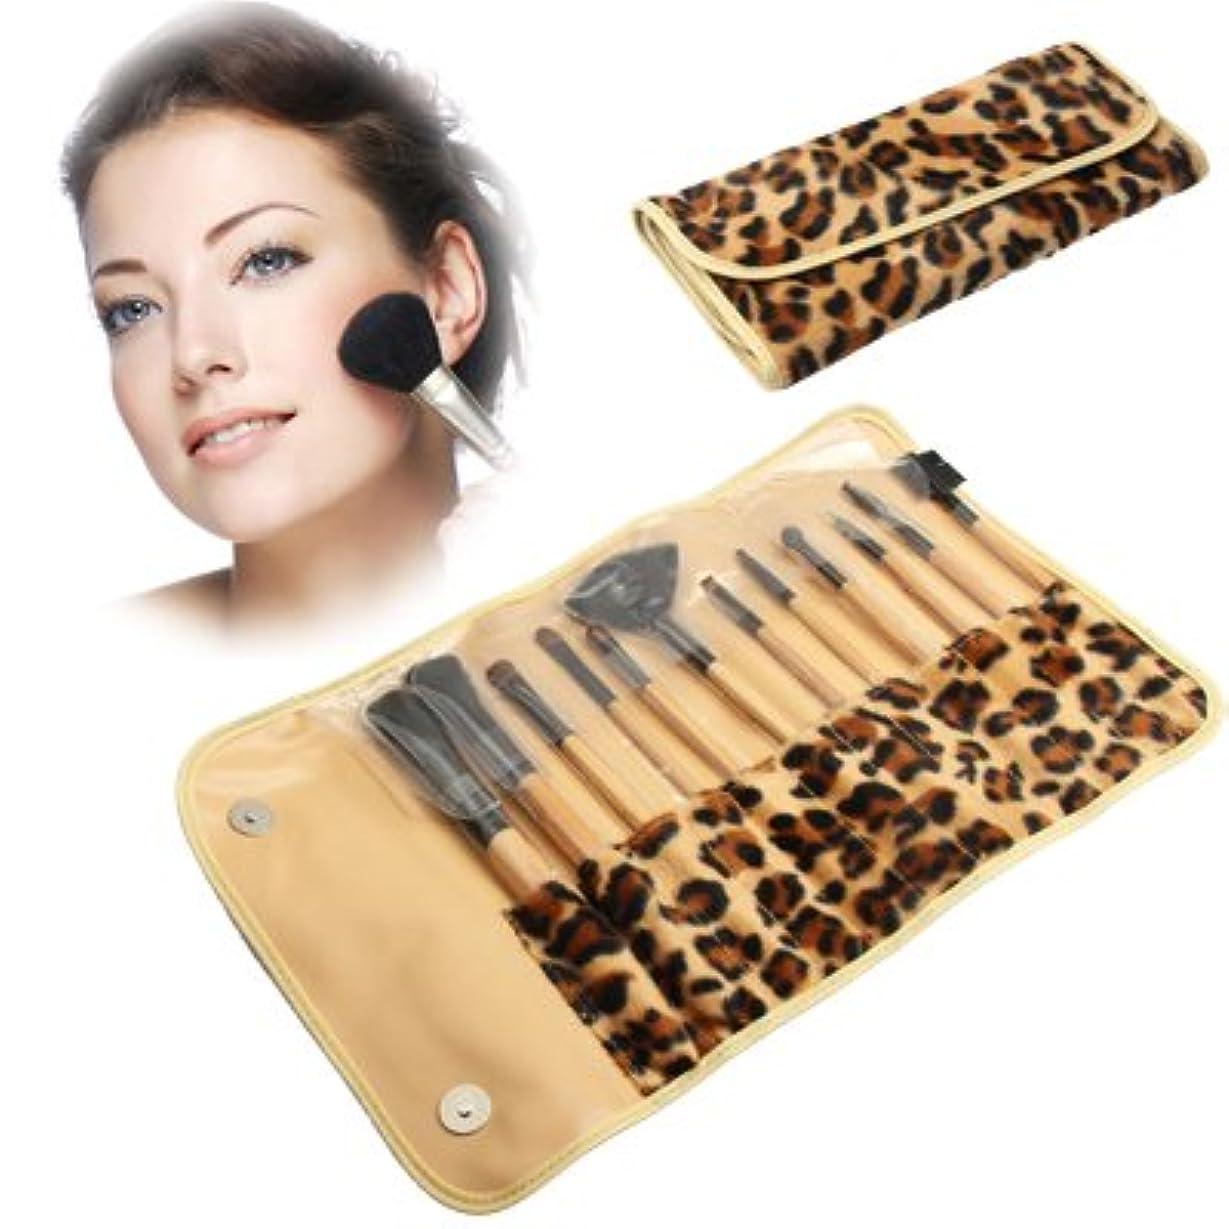 スコアピック決定的MEI1JIA QUELLIAプロフェッショナル個入りメイクブラシセット美容キット化粧品+ PUレザーキャリングケース